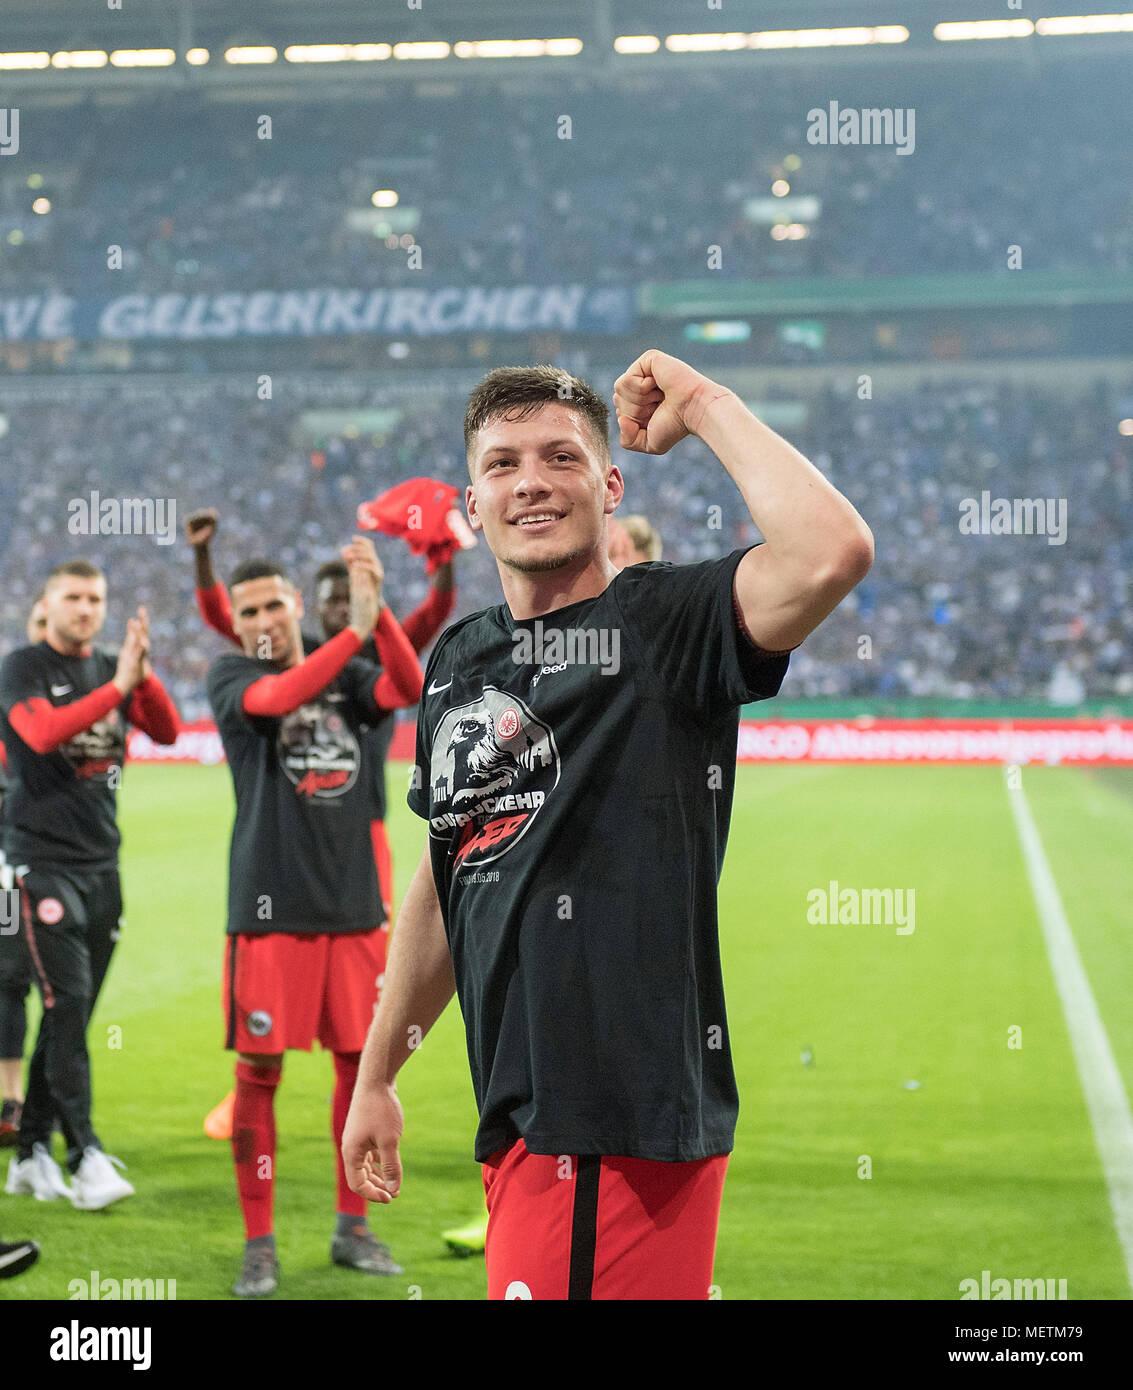 El júbilo final Luka JOVIC (F) con el ganador camiseta fútbol DFB ... e04d6bb632eca